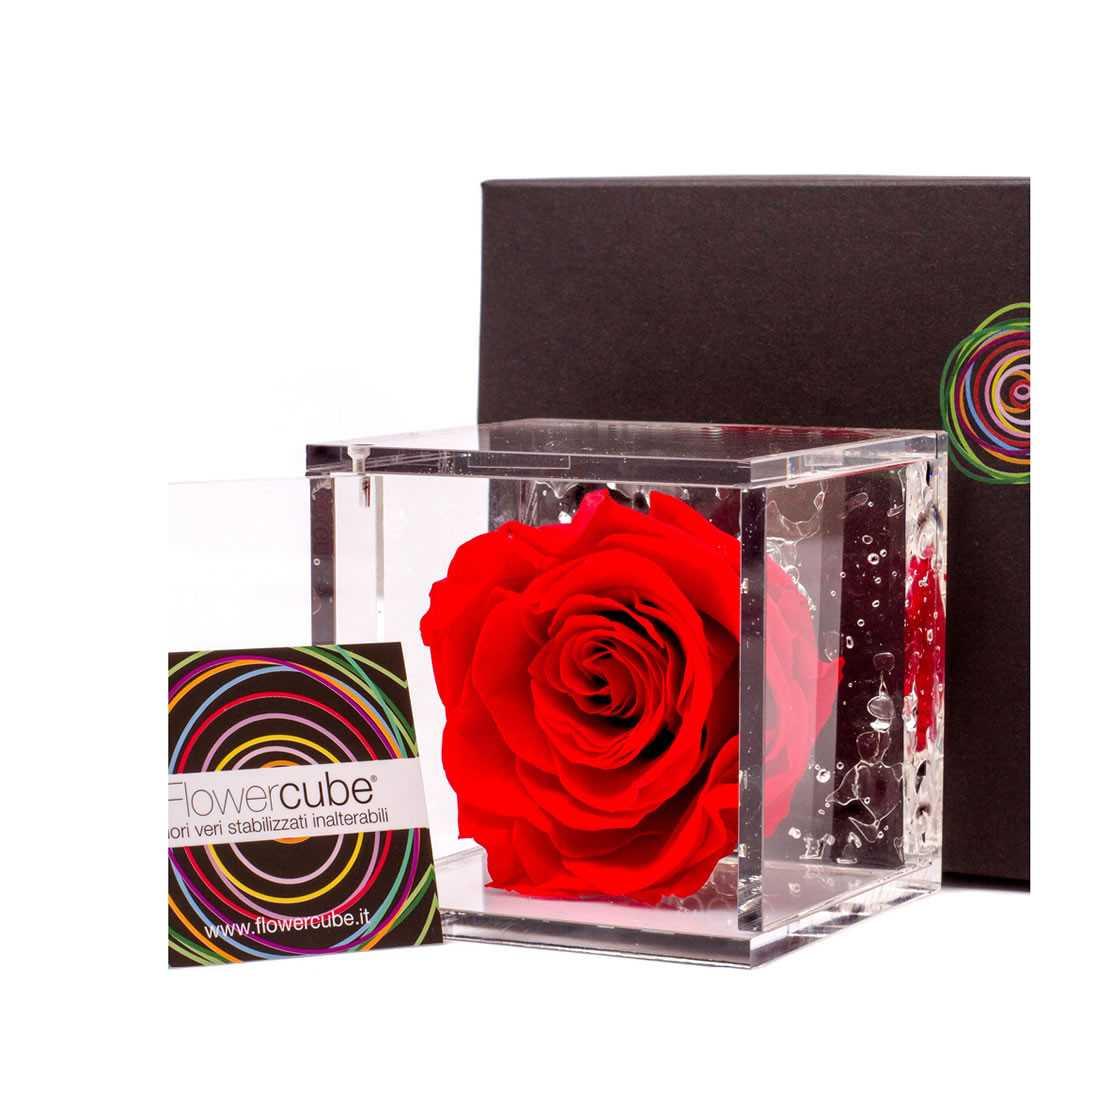 FlowerCube 10x10 cm shop online